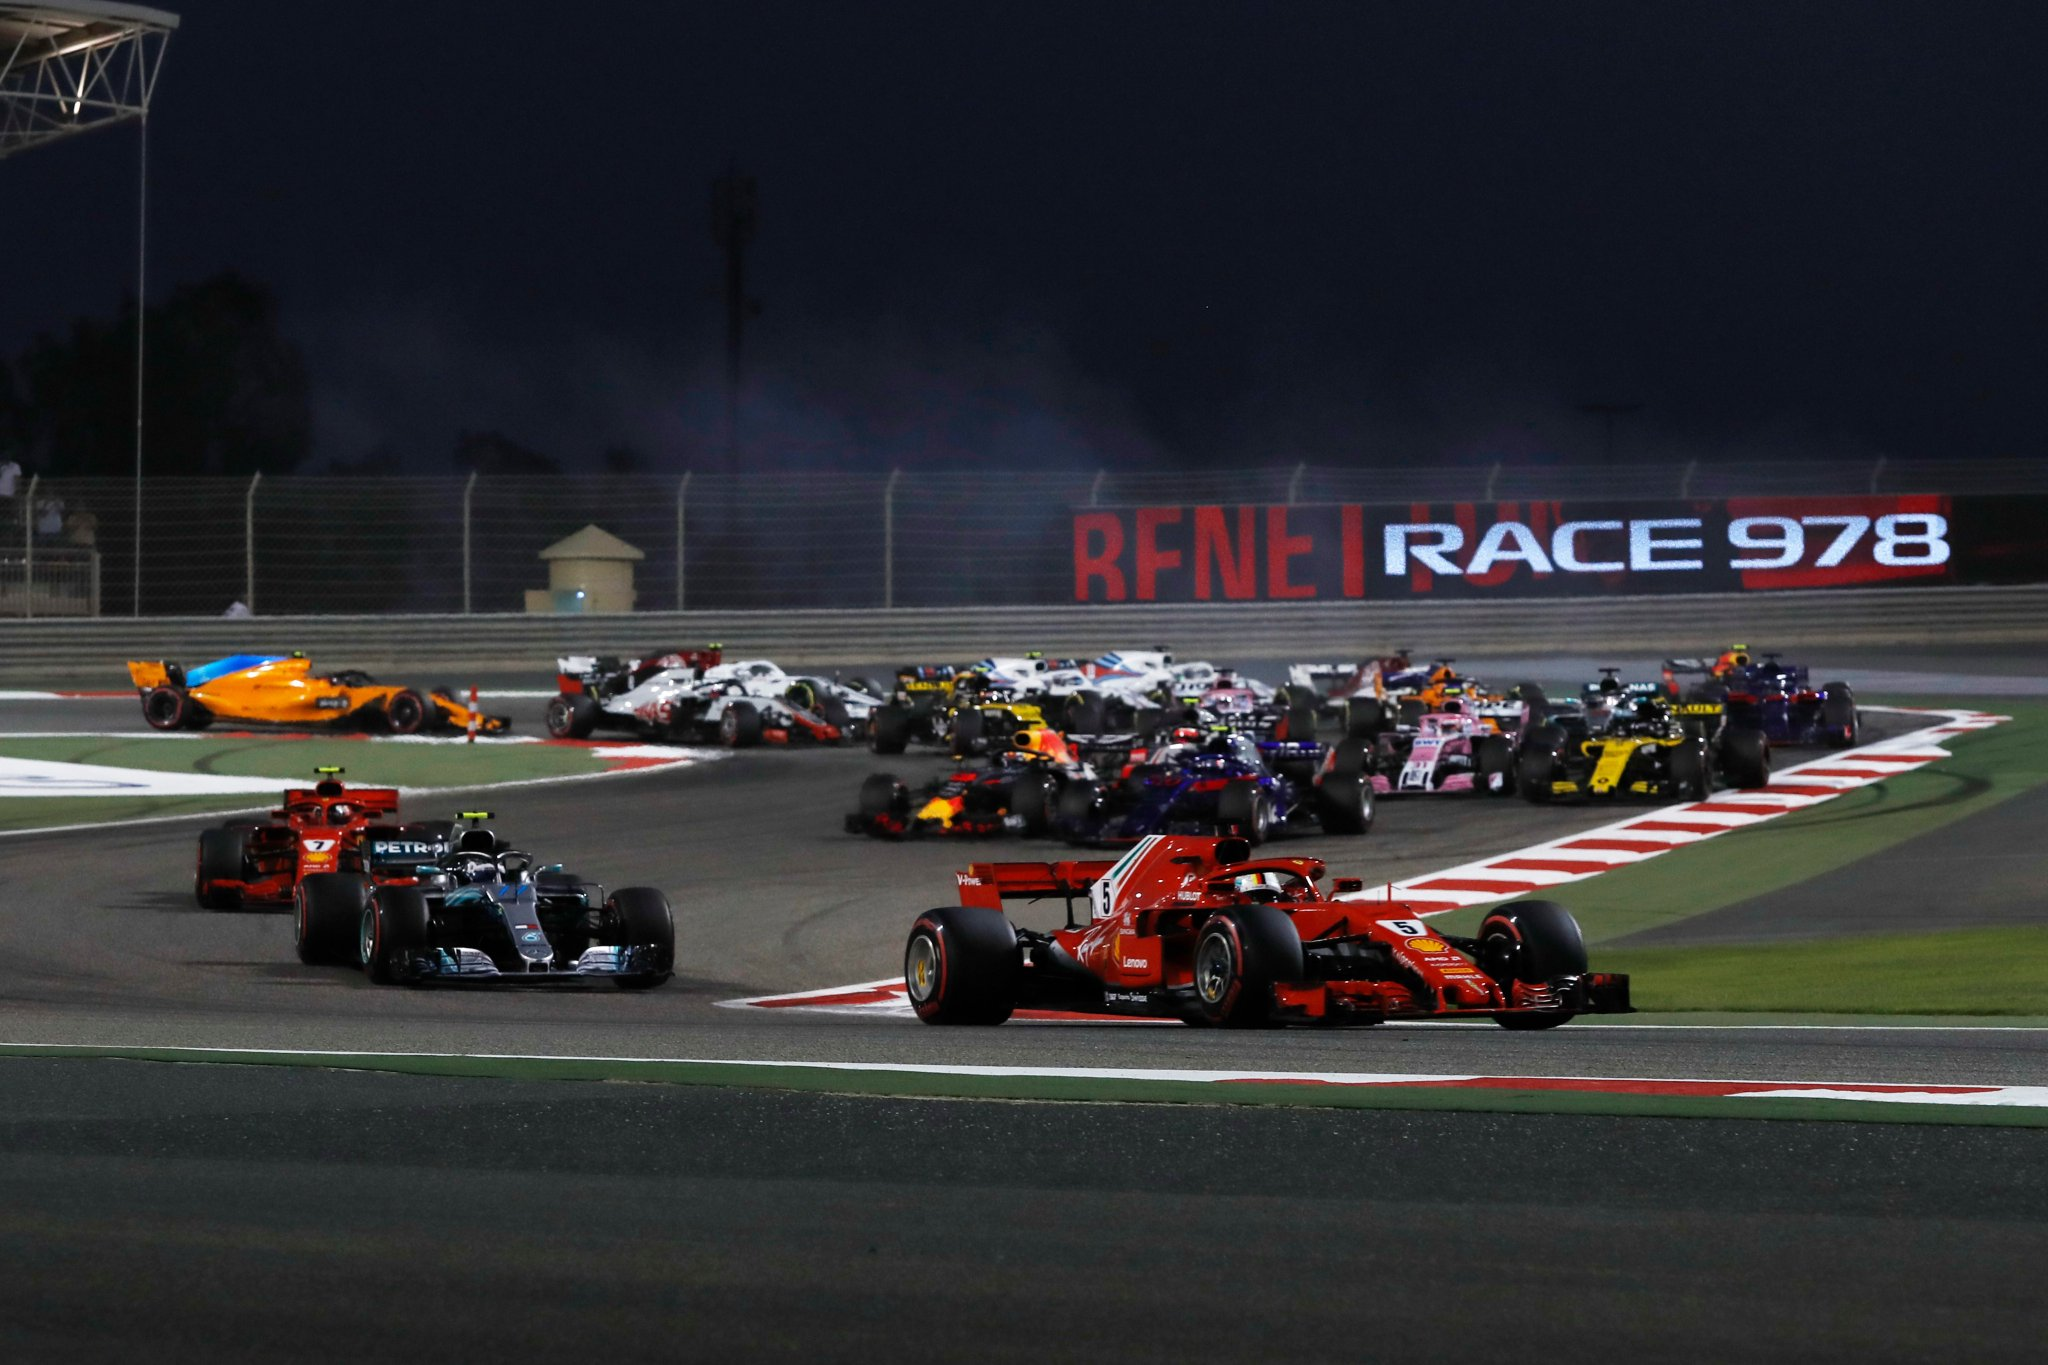 Первые повороты гран-при Бахрейна 2018 года